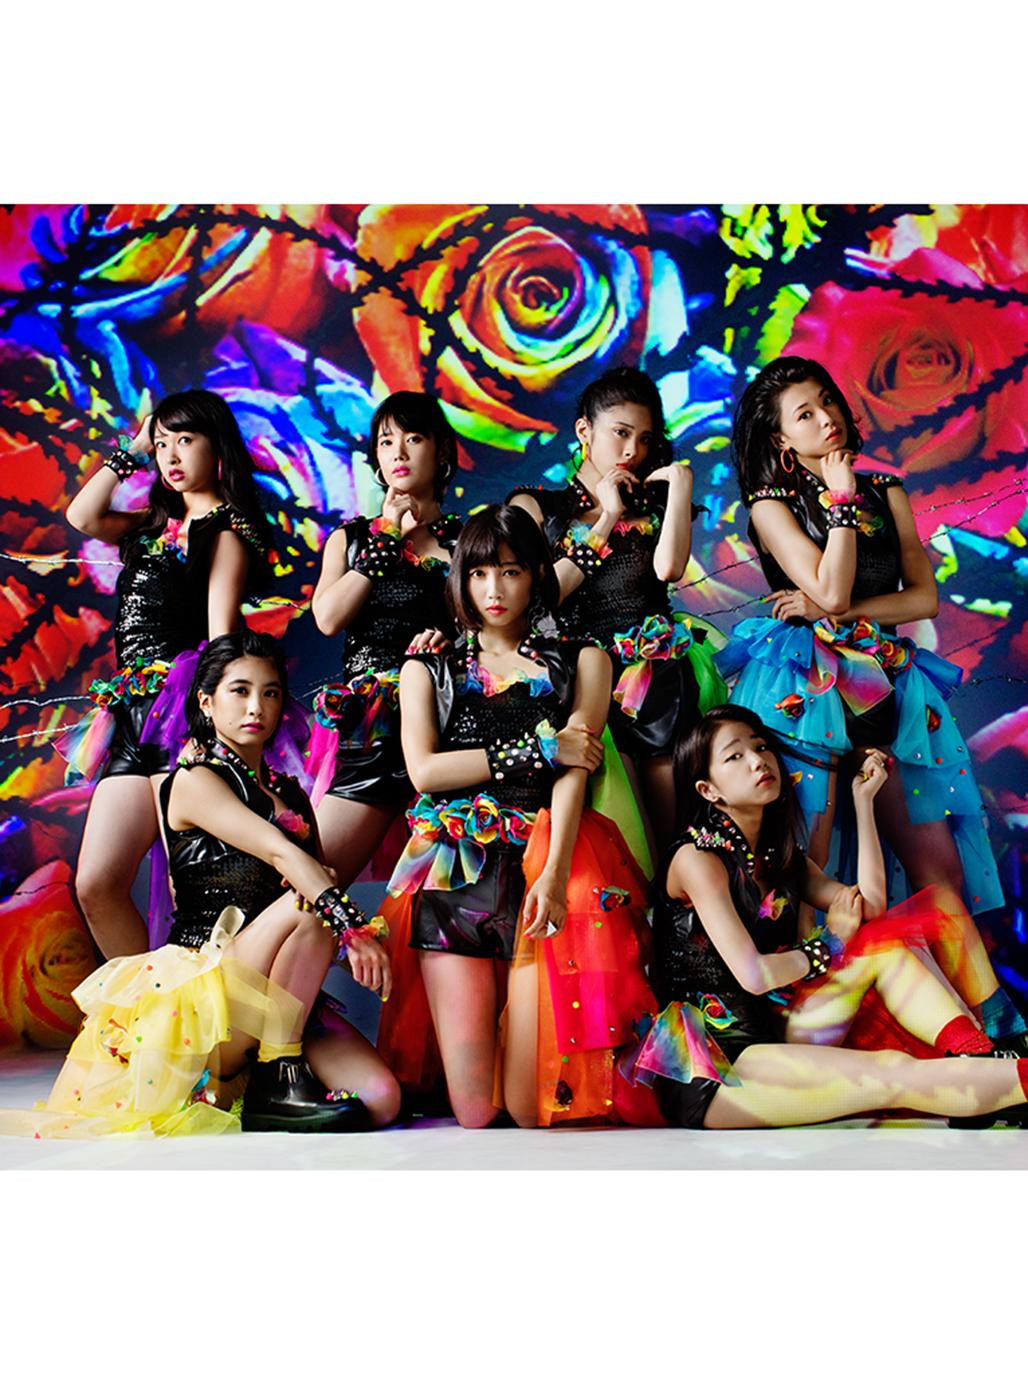 アイドルの名門サンミュージックが手掛けるアイドルグループ